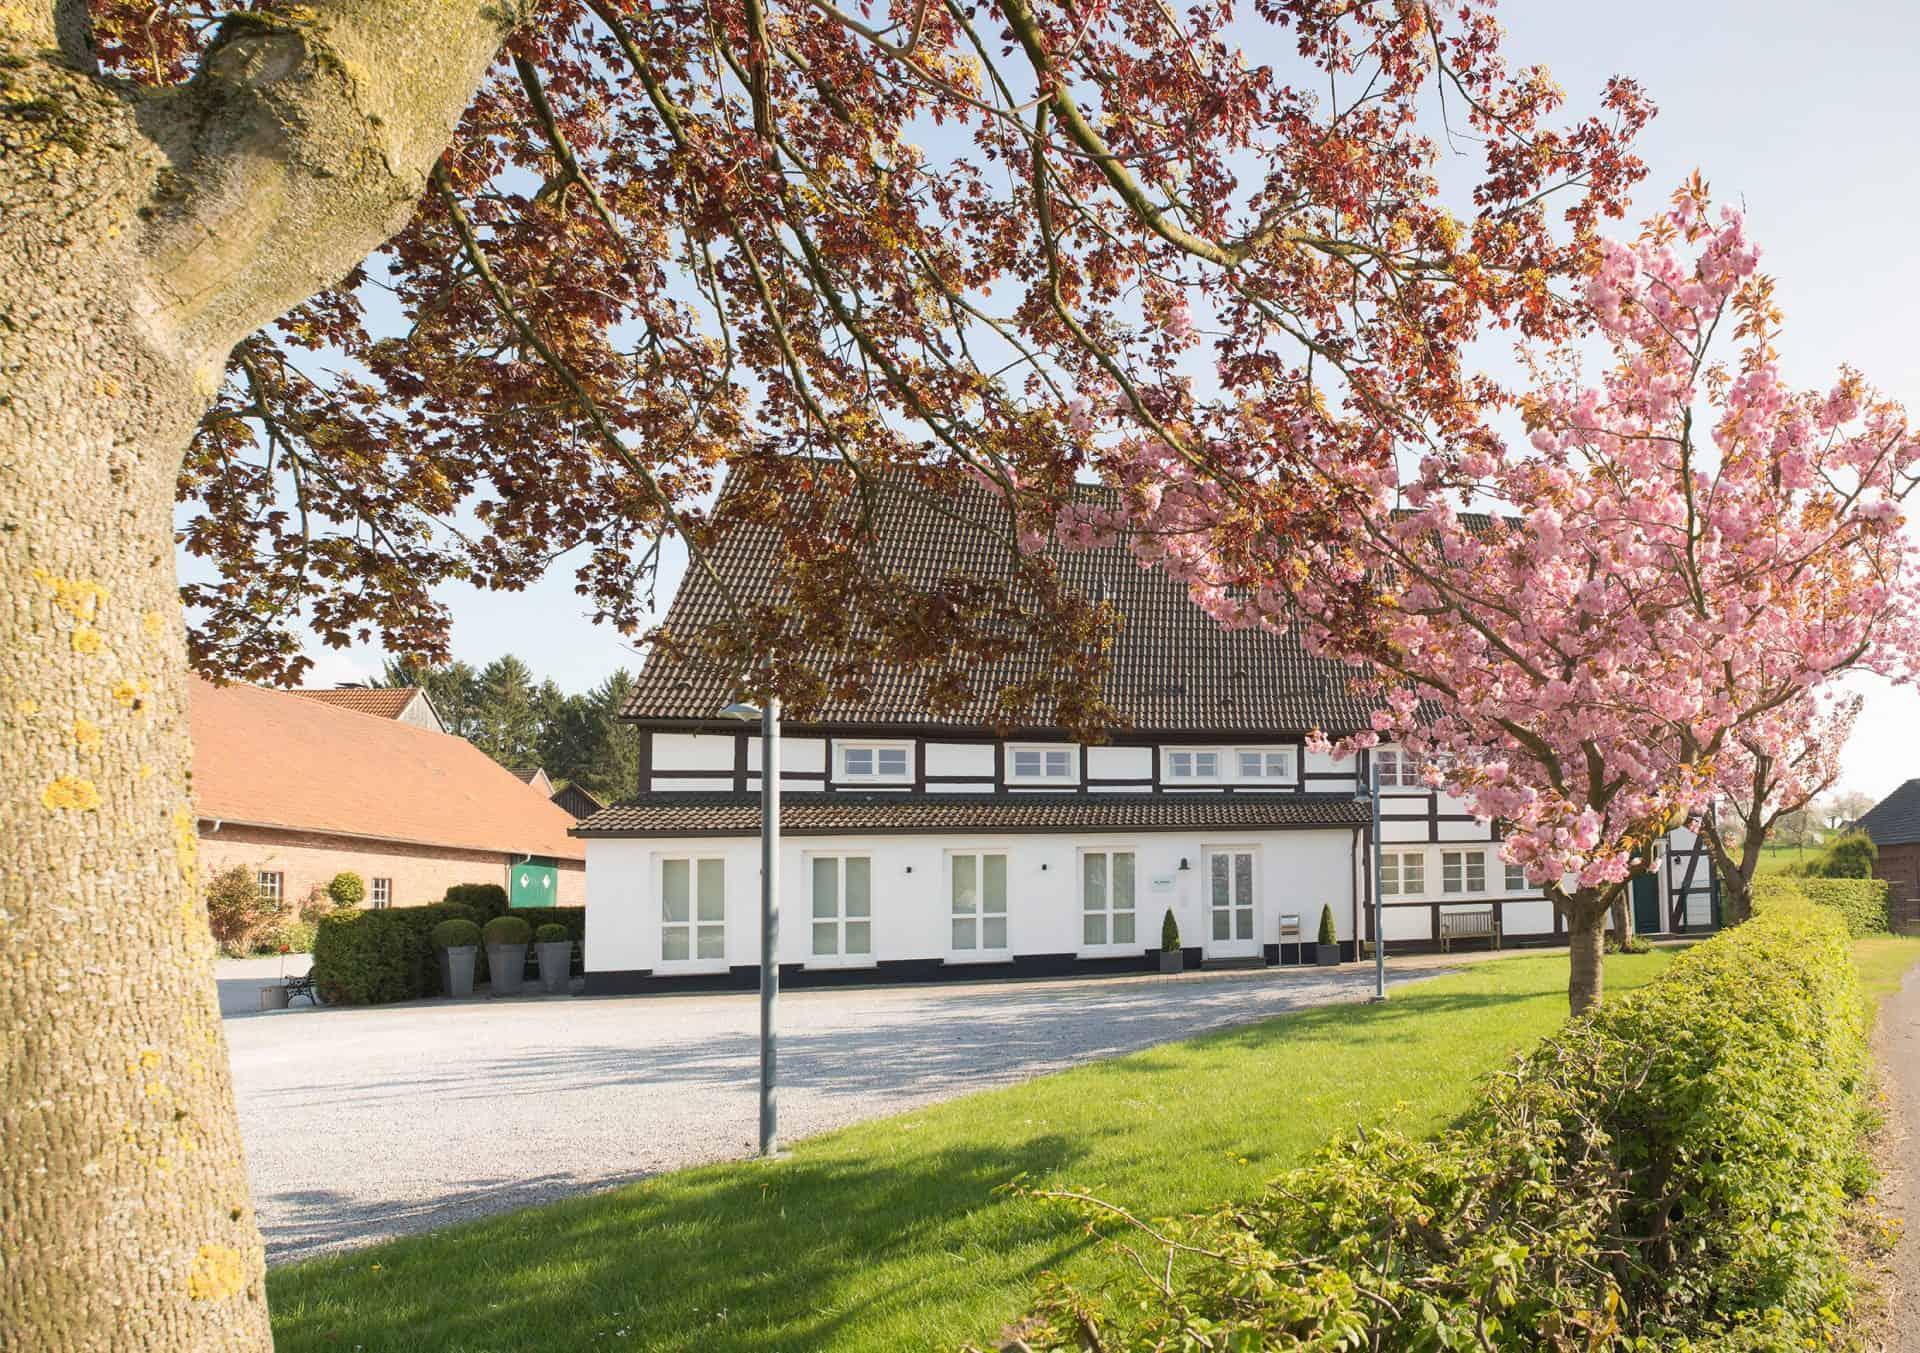 Das Blaken-Uhrenatelier befindet sich im abgeschiedenen in Menden im ruhigen Sauerland